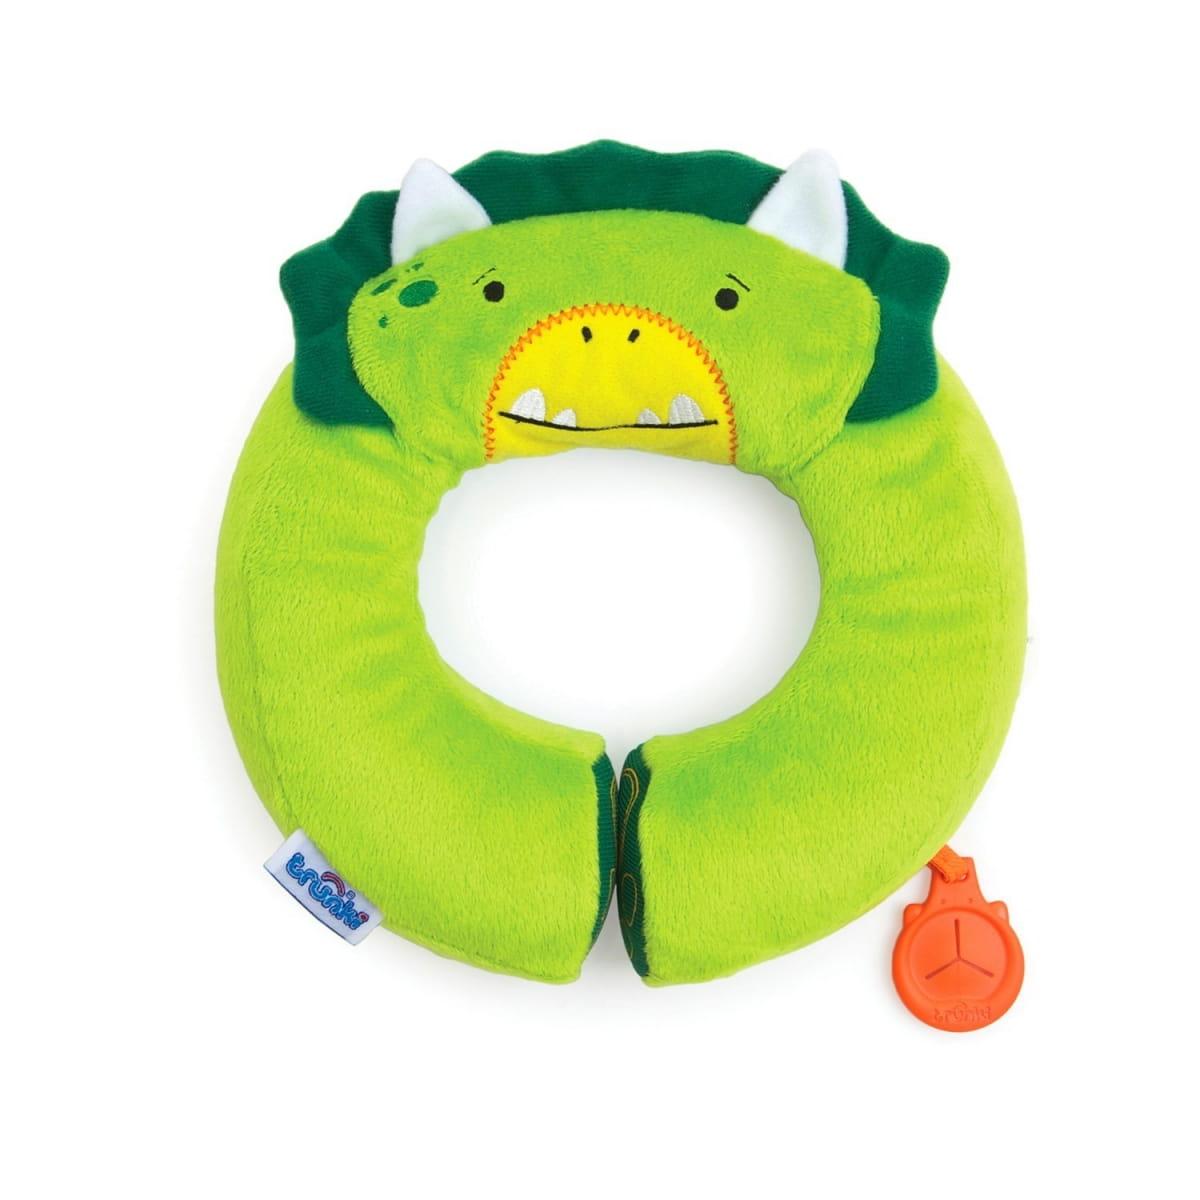 Подголовник TRUNKI Yondi Dino  зеленый - Аксессуары для путешествий